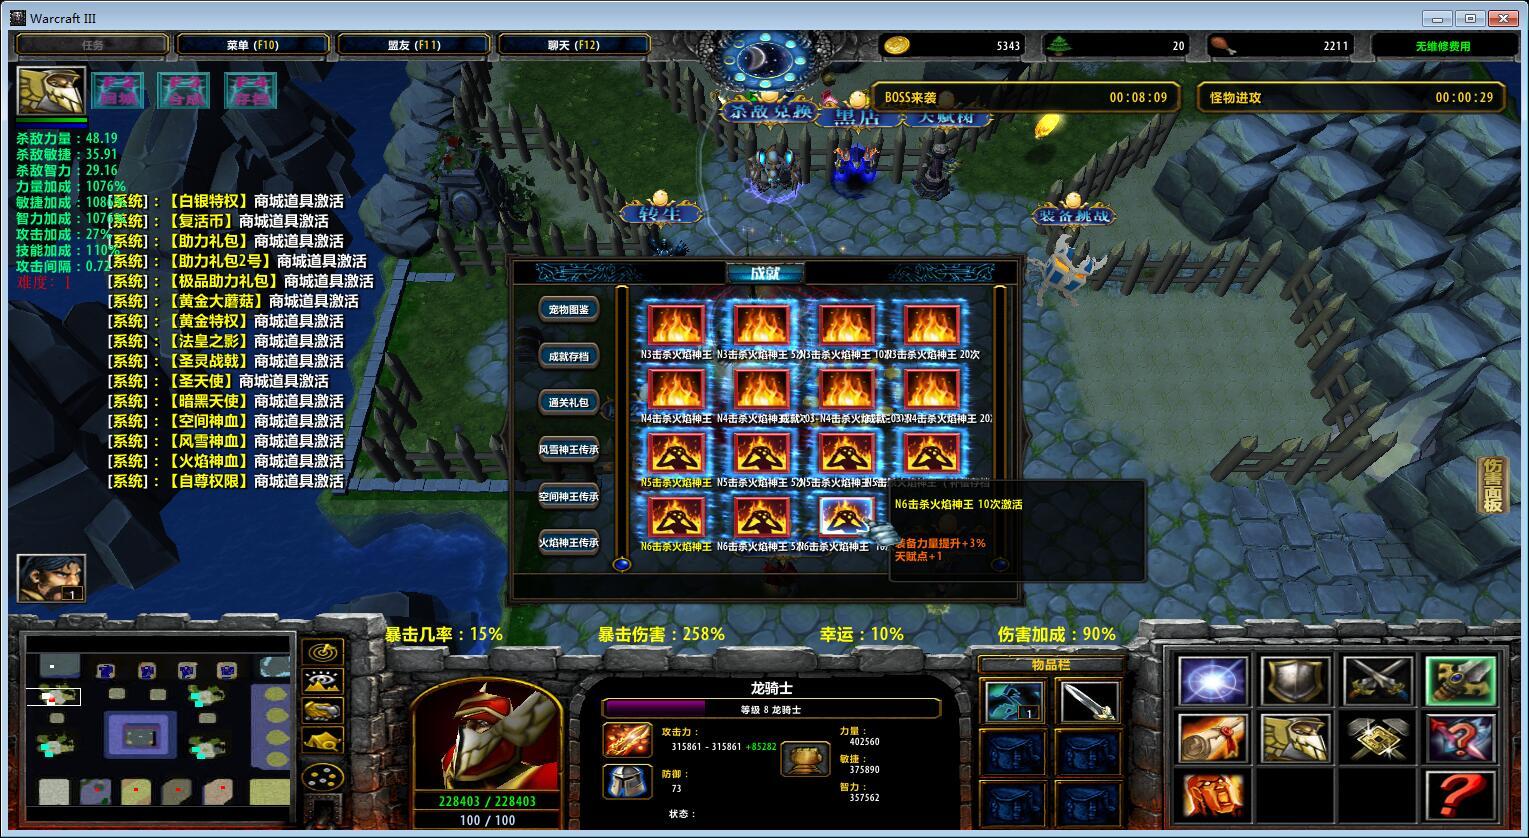 魔幻海II1.3.2破解版 全英雄自选+全商城特权+存档通关道具+饮血剑+刷物品全屏闪